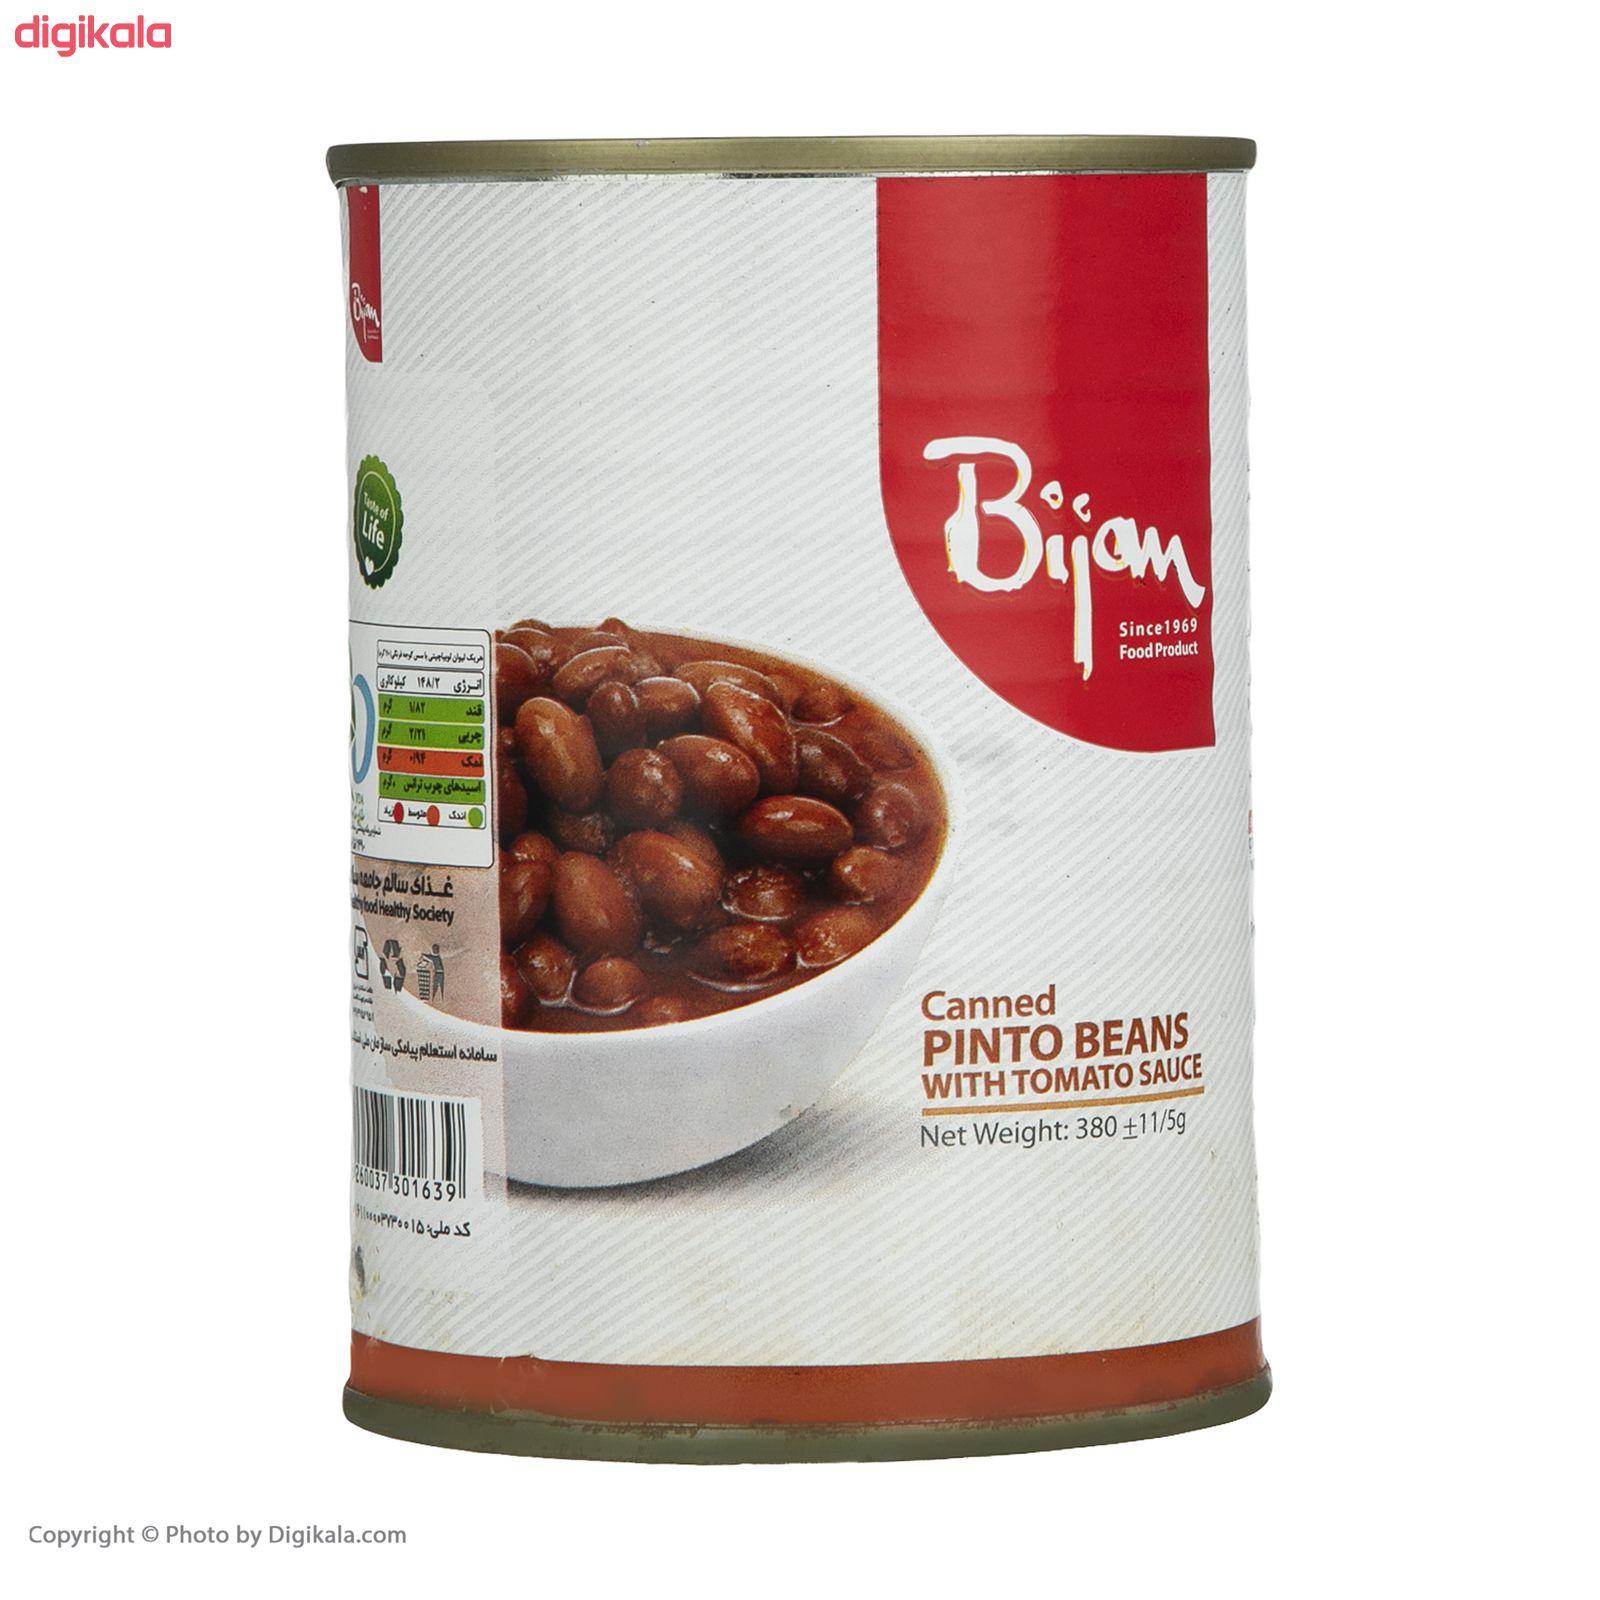 کنسرو لوبیا چیتی با سس گوجه فرنگی بیژن - 380 گرم  main 1 3